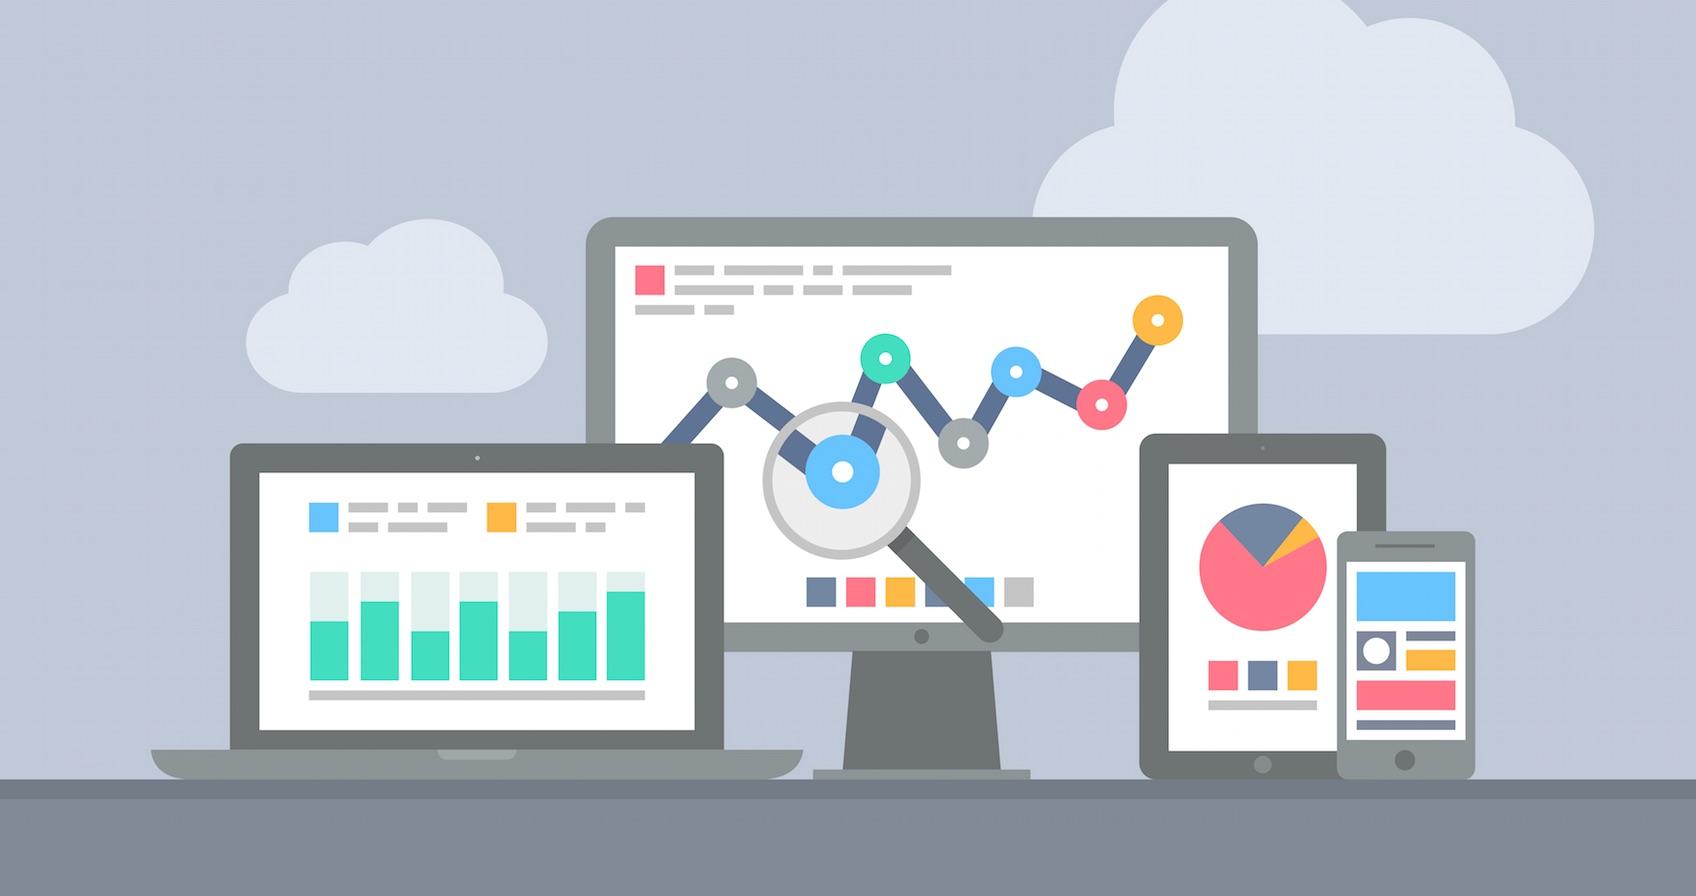 ابزارهای آنالیز سایت توسط گوگل